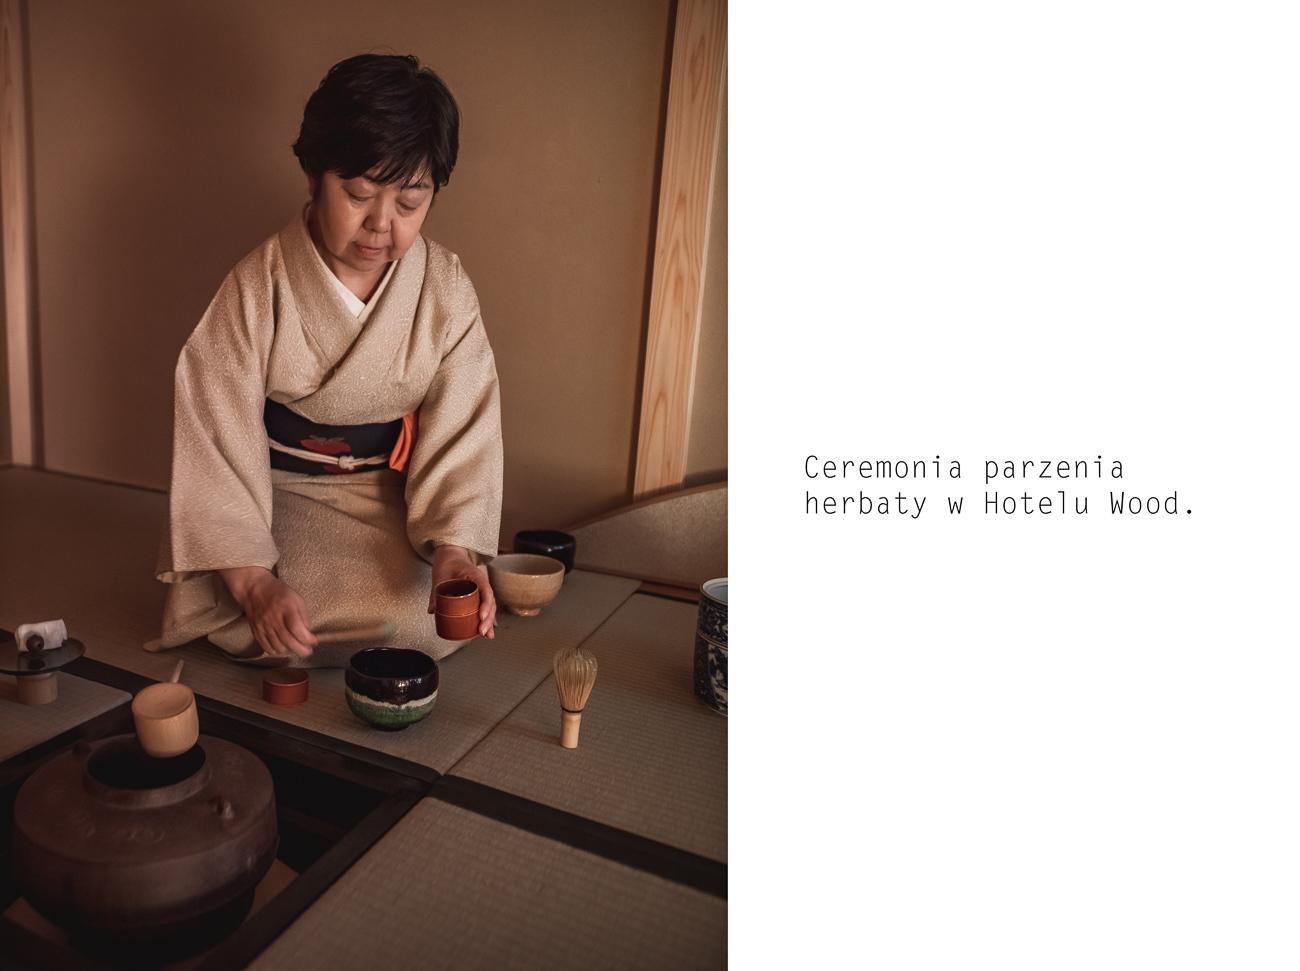 hotel wood takayama ceremonia parzenia herbaty